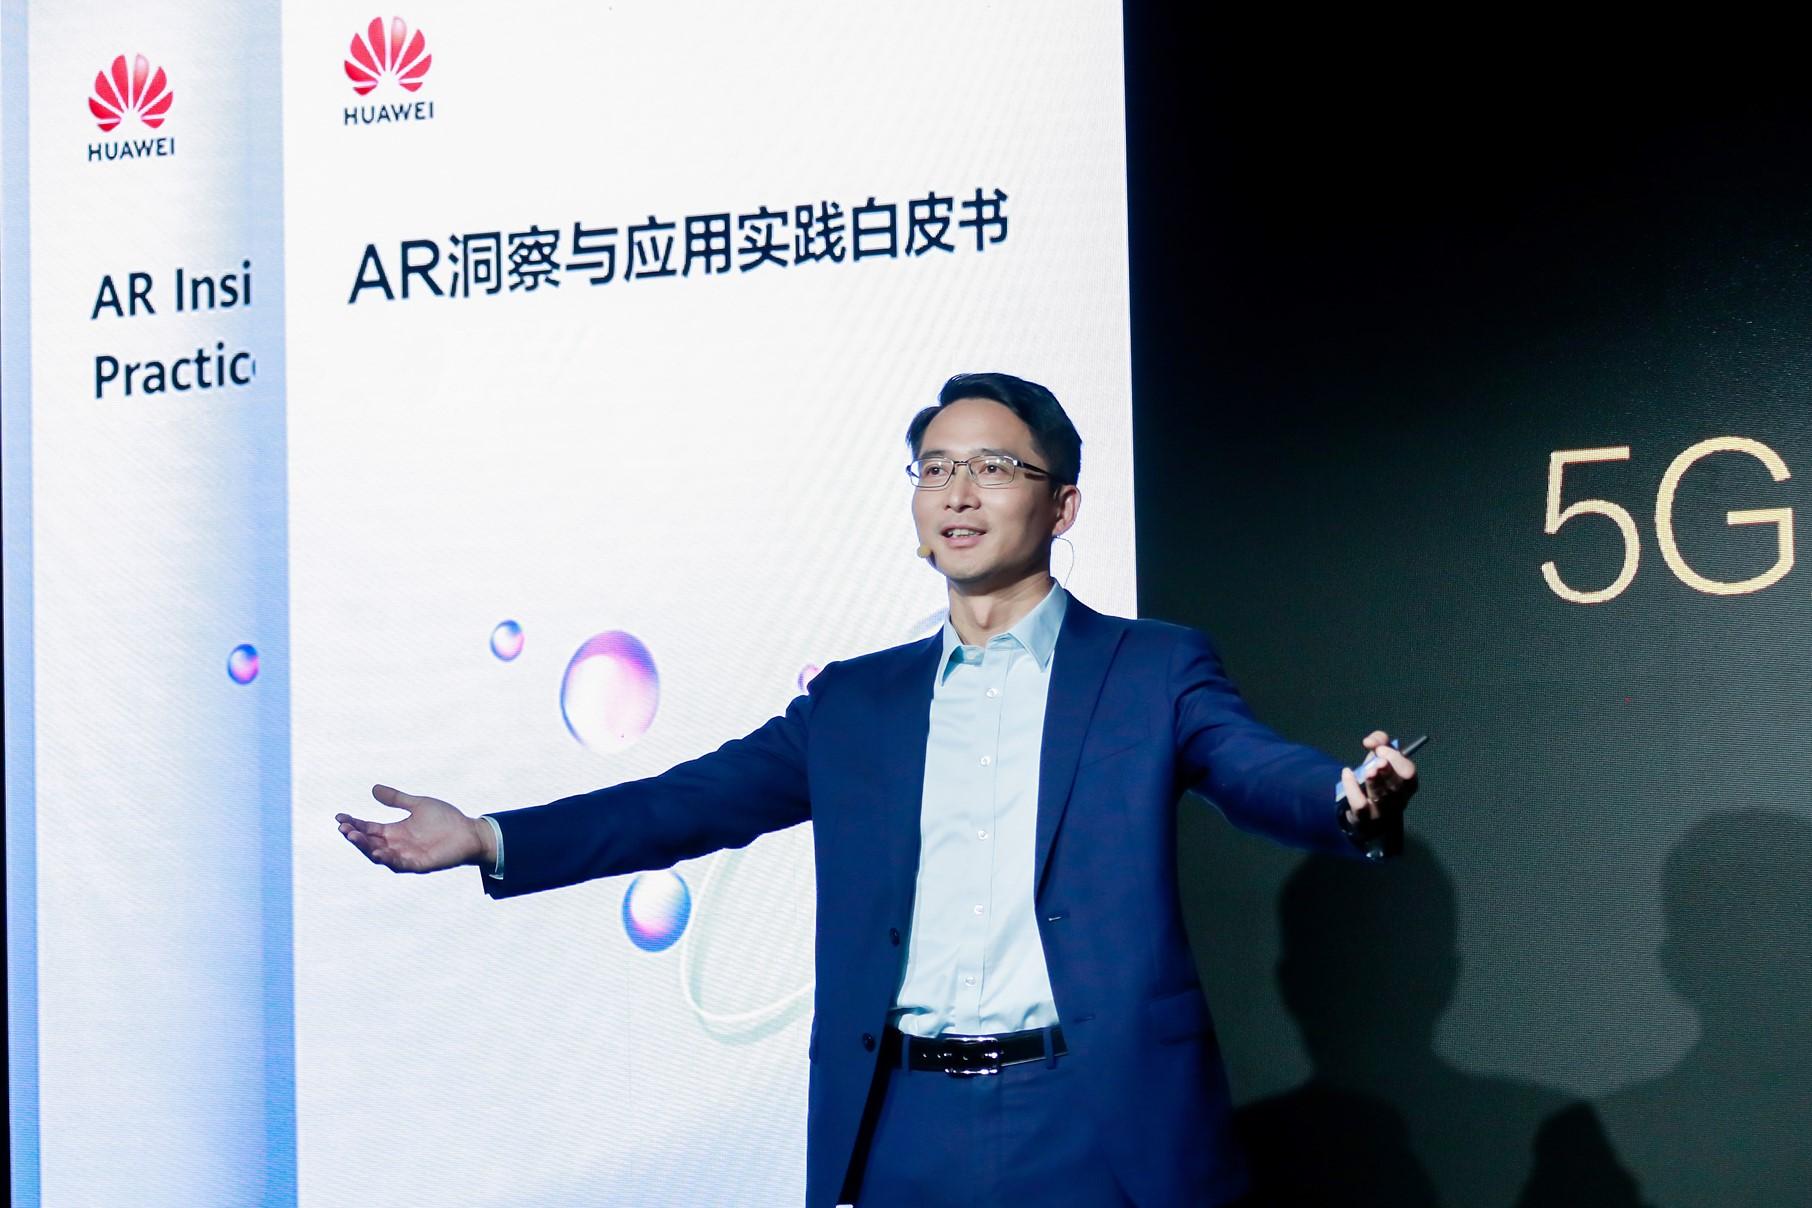 """Huawei lansează """"AR Insight and Application Practice"""", document ce detaliază beneficiile 5G + AR"""